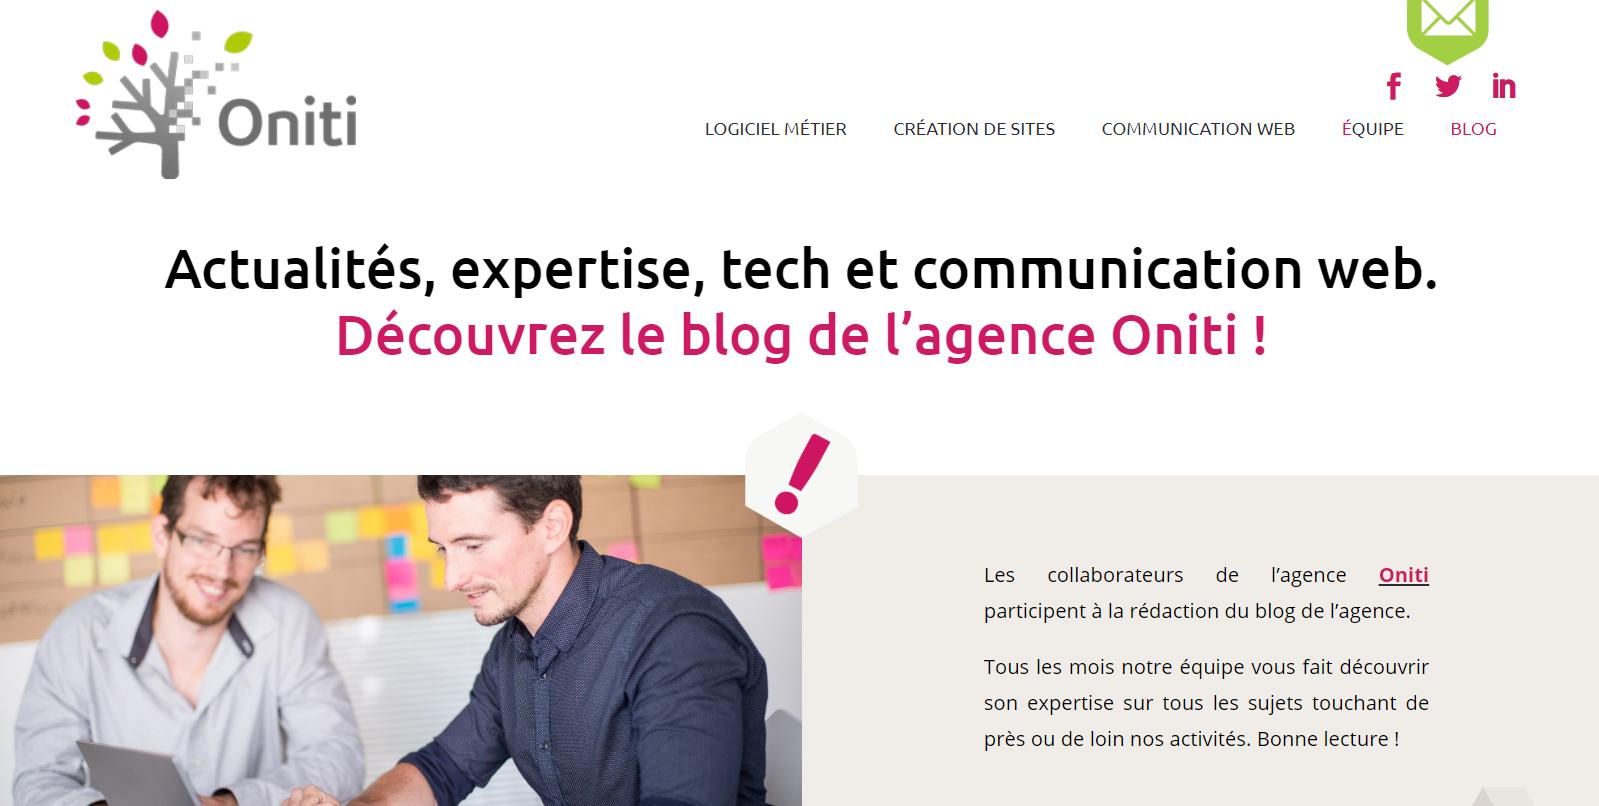 Un contenu éditorial co-construit pour nourrir la personnalité d'Oniti, agence de développement de logiciels métier